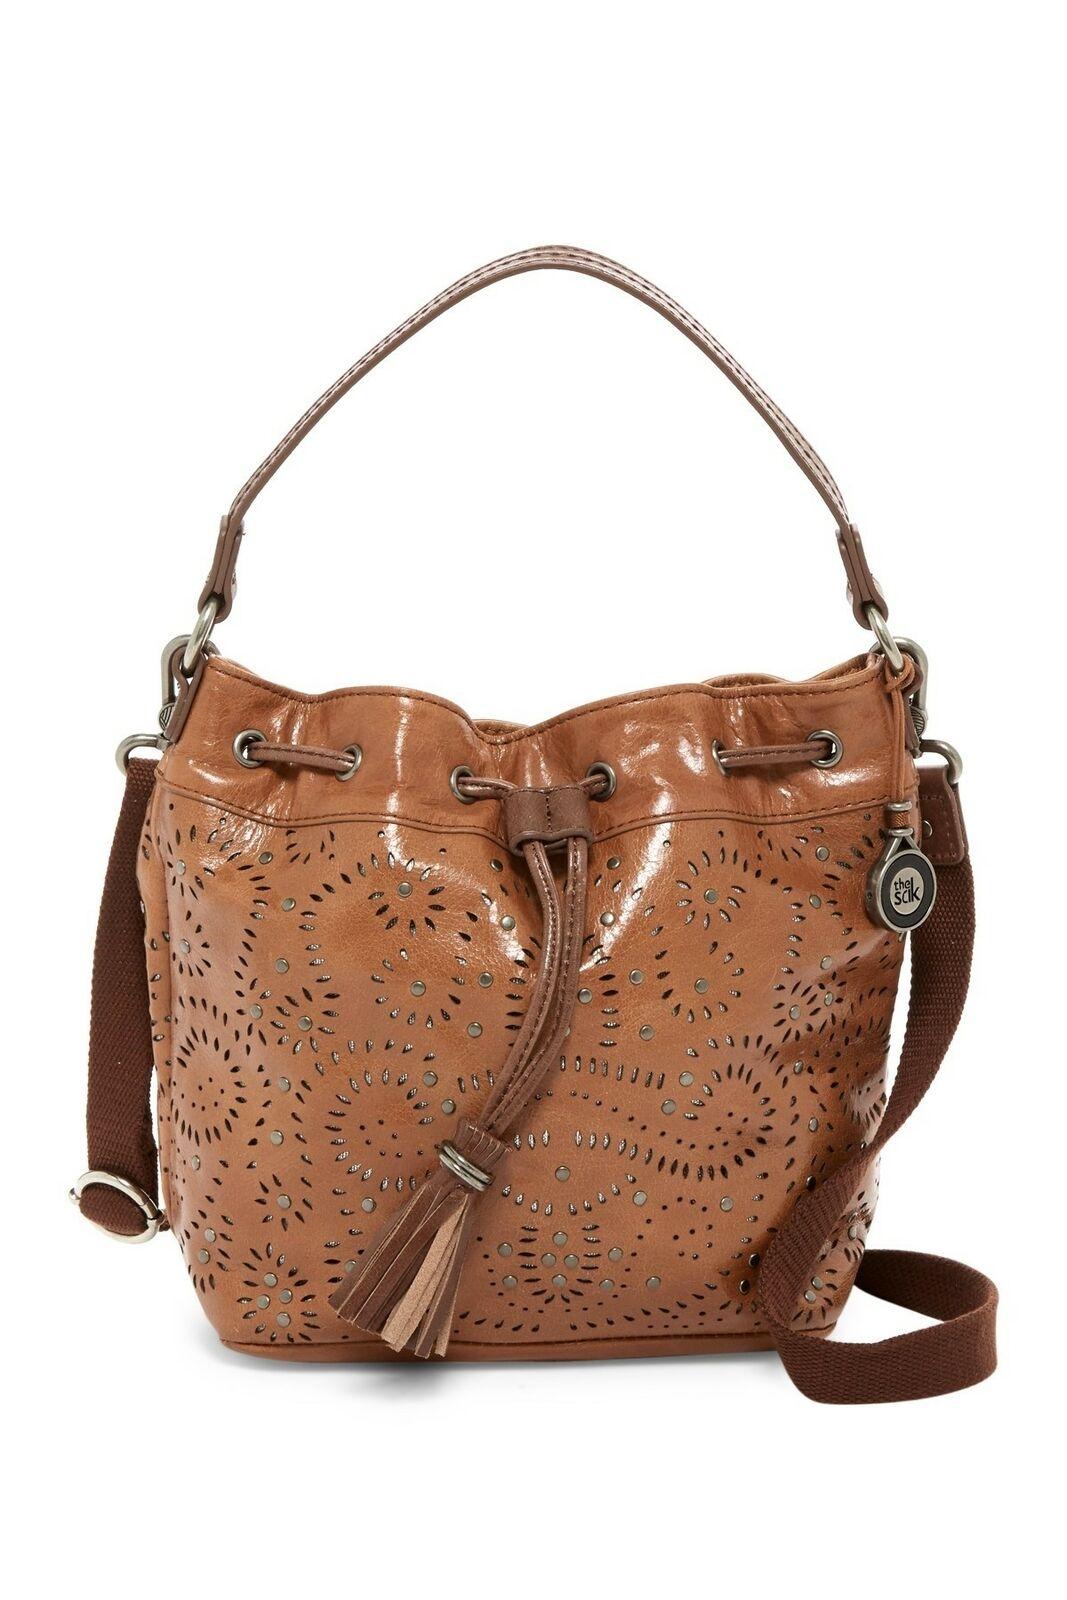 The Sak 245591 Womens Ukiah Perforated Leather Drawstring Bucket Bag Tan